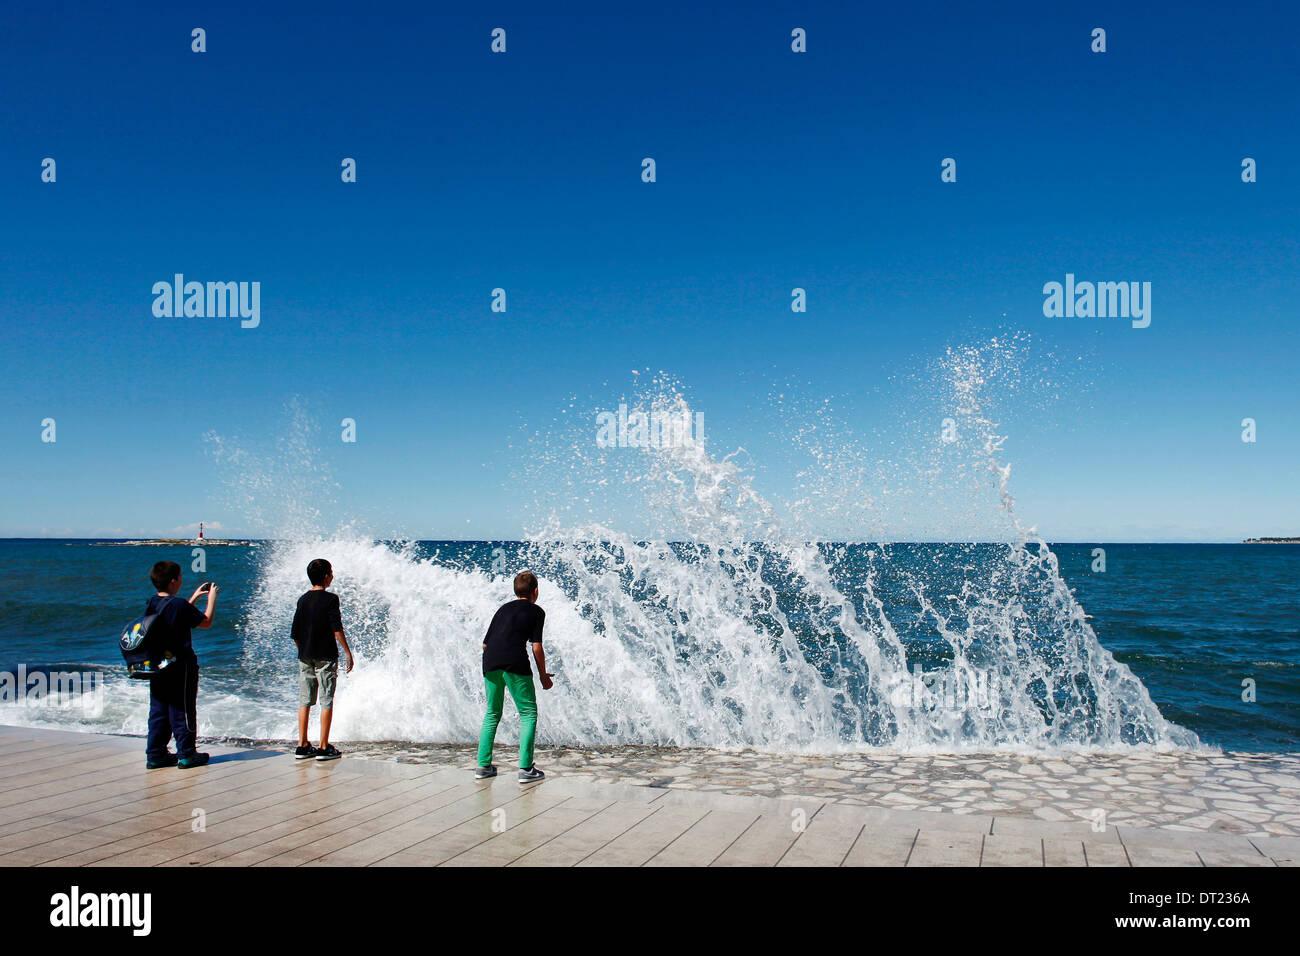 Drei Jungs auf dem Kai während eine Welle auf sie zu brechen Stockbild